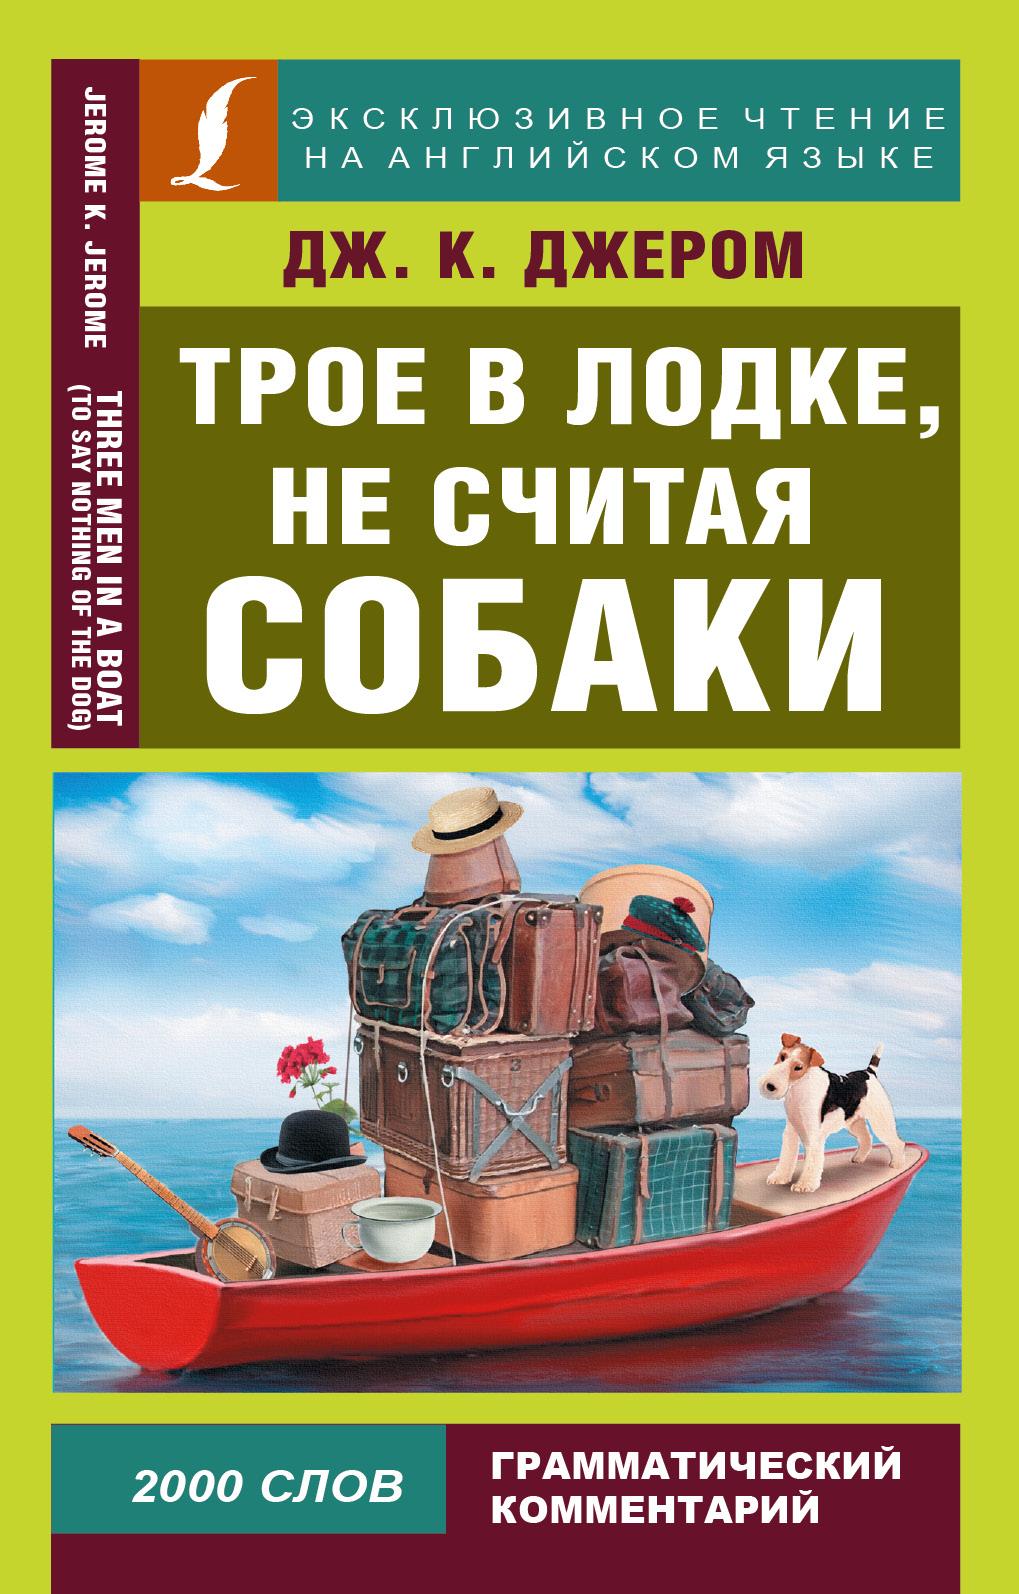 Джером К.Д. Трое в лодке, не считая собаки